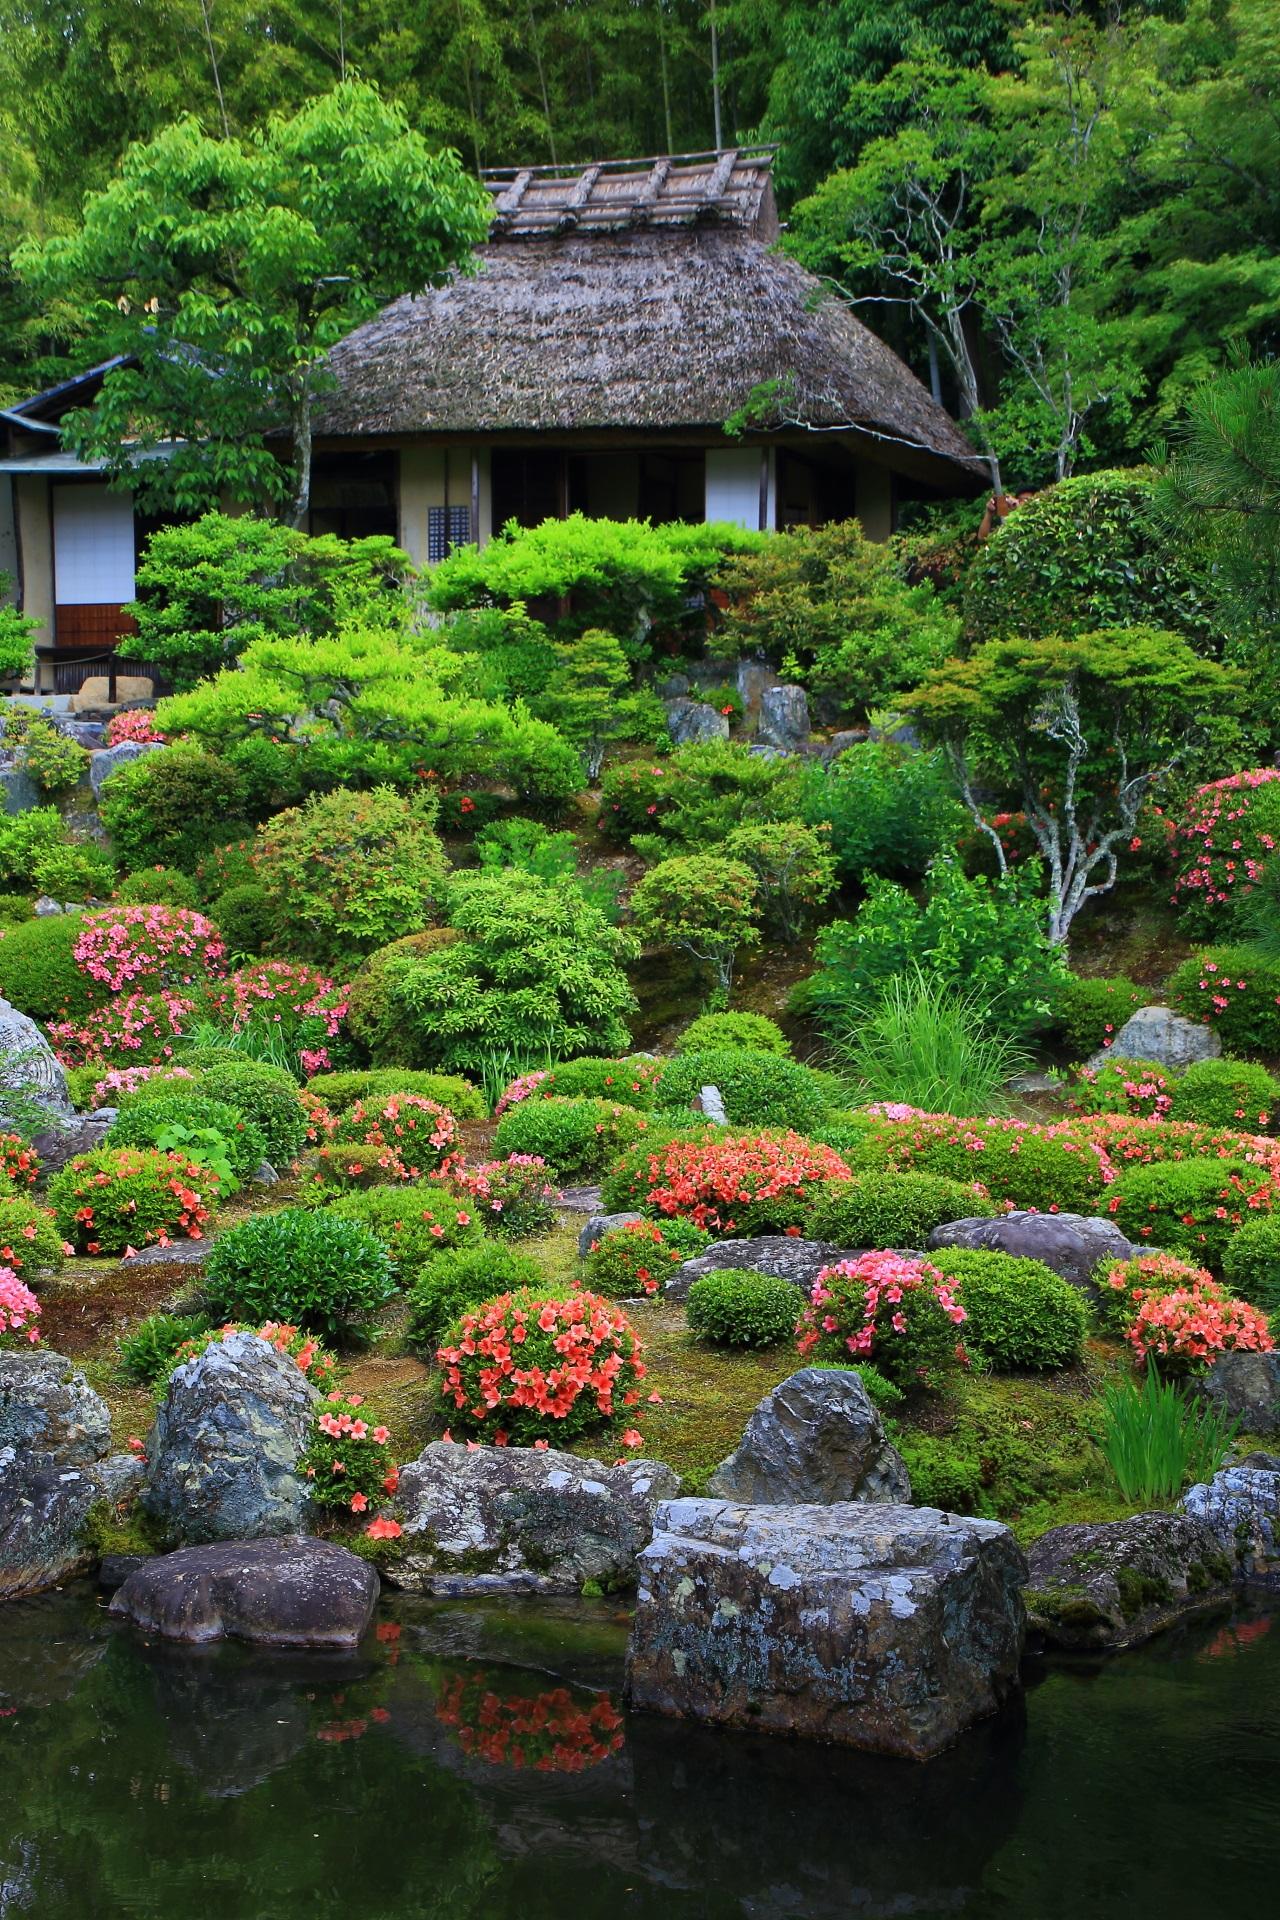 緑とピンクや朱色の色合いが綺麗な芙蓉池と清漣亭とサツキ